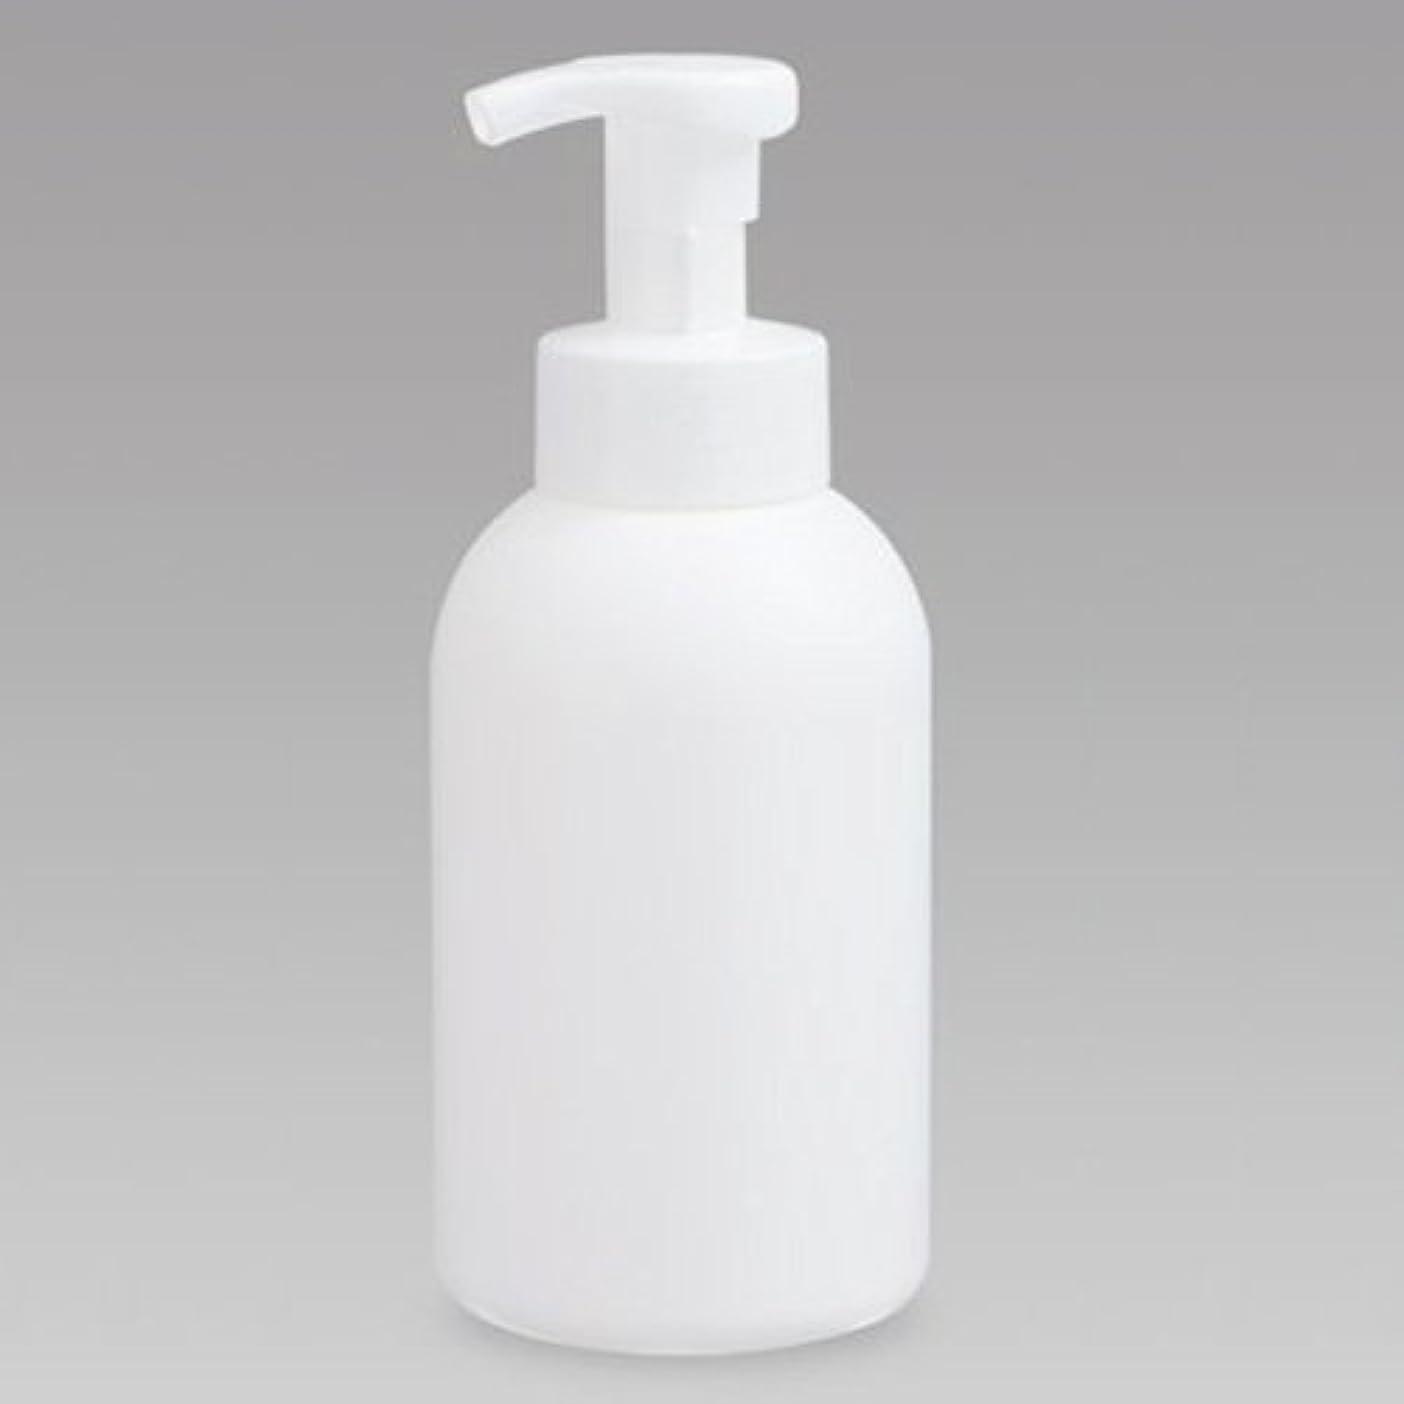 ボーカルシダ消費泡ボトル 泡ポンプボトル 500mL(PE) ホワイト 詰め替え 詰替 泡ハンドソープ 全身石鹸 ボディソープ 洗顔フォーム